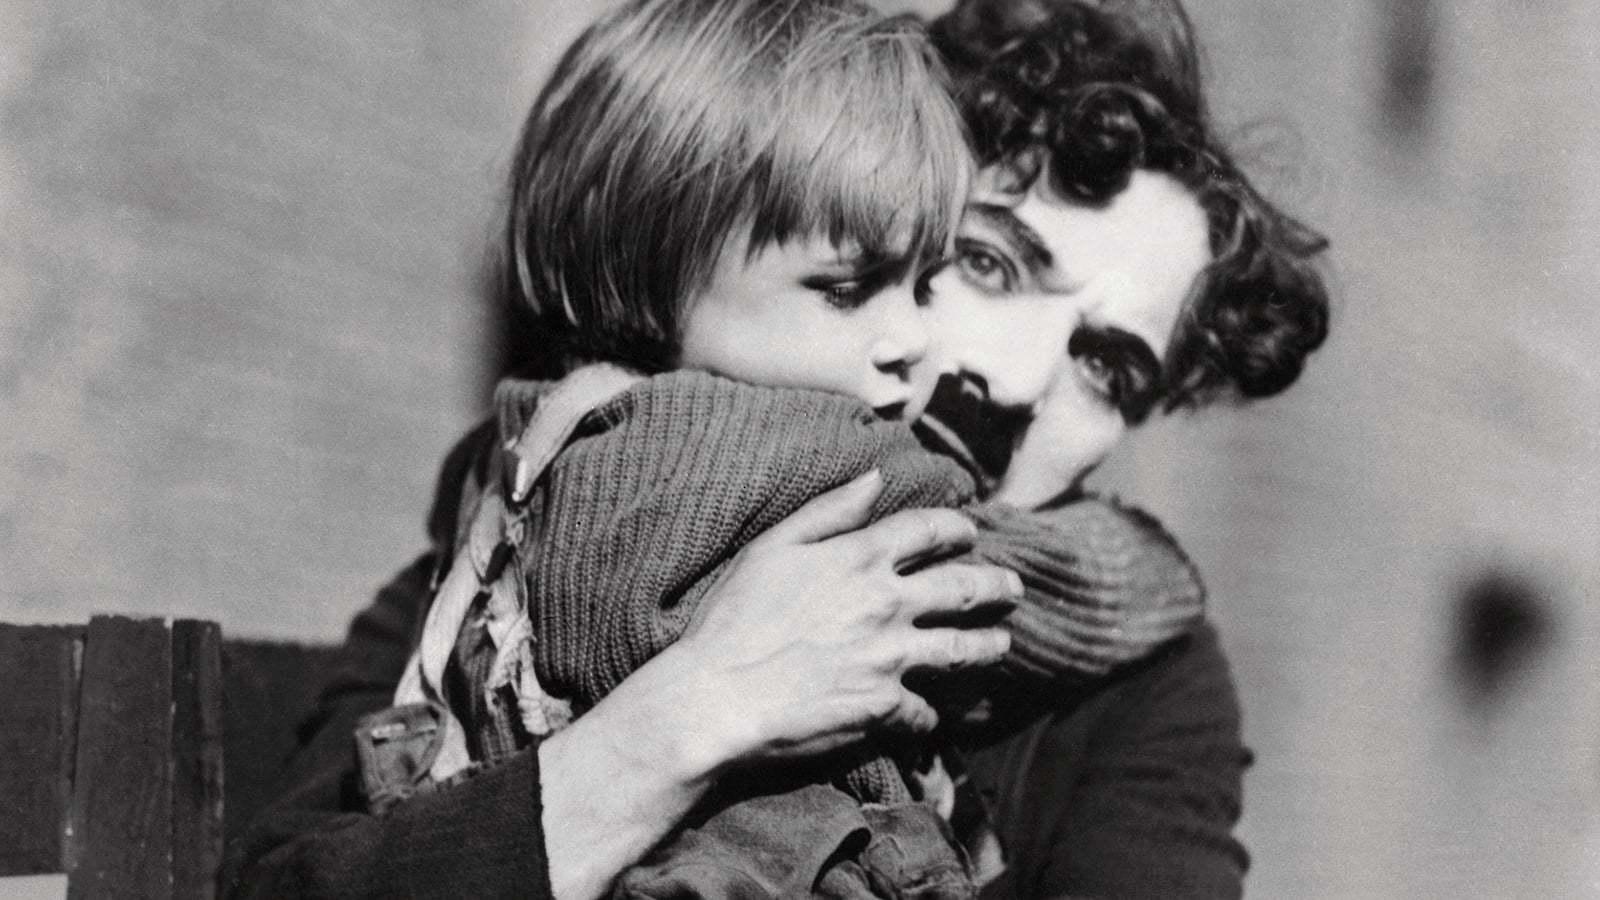 Кадры из фильма Малыш The Kid 1921